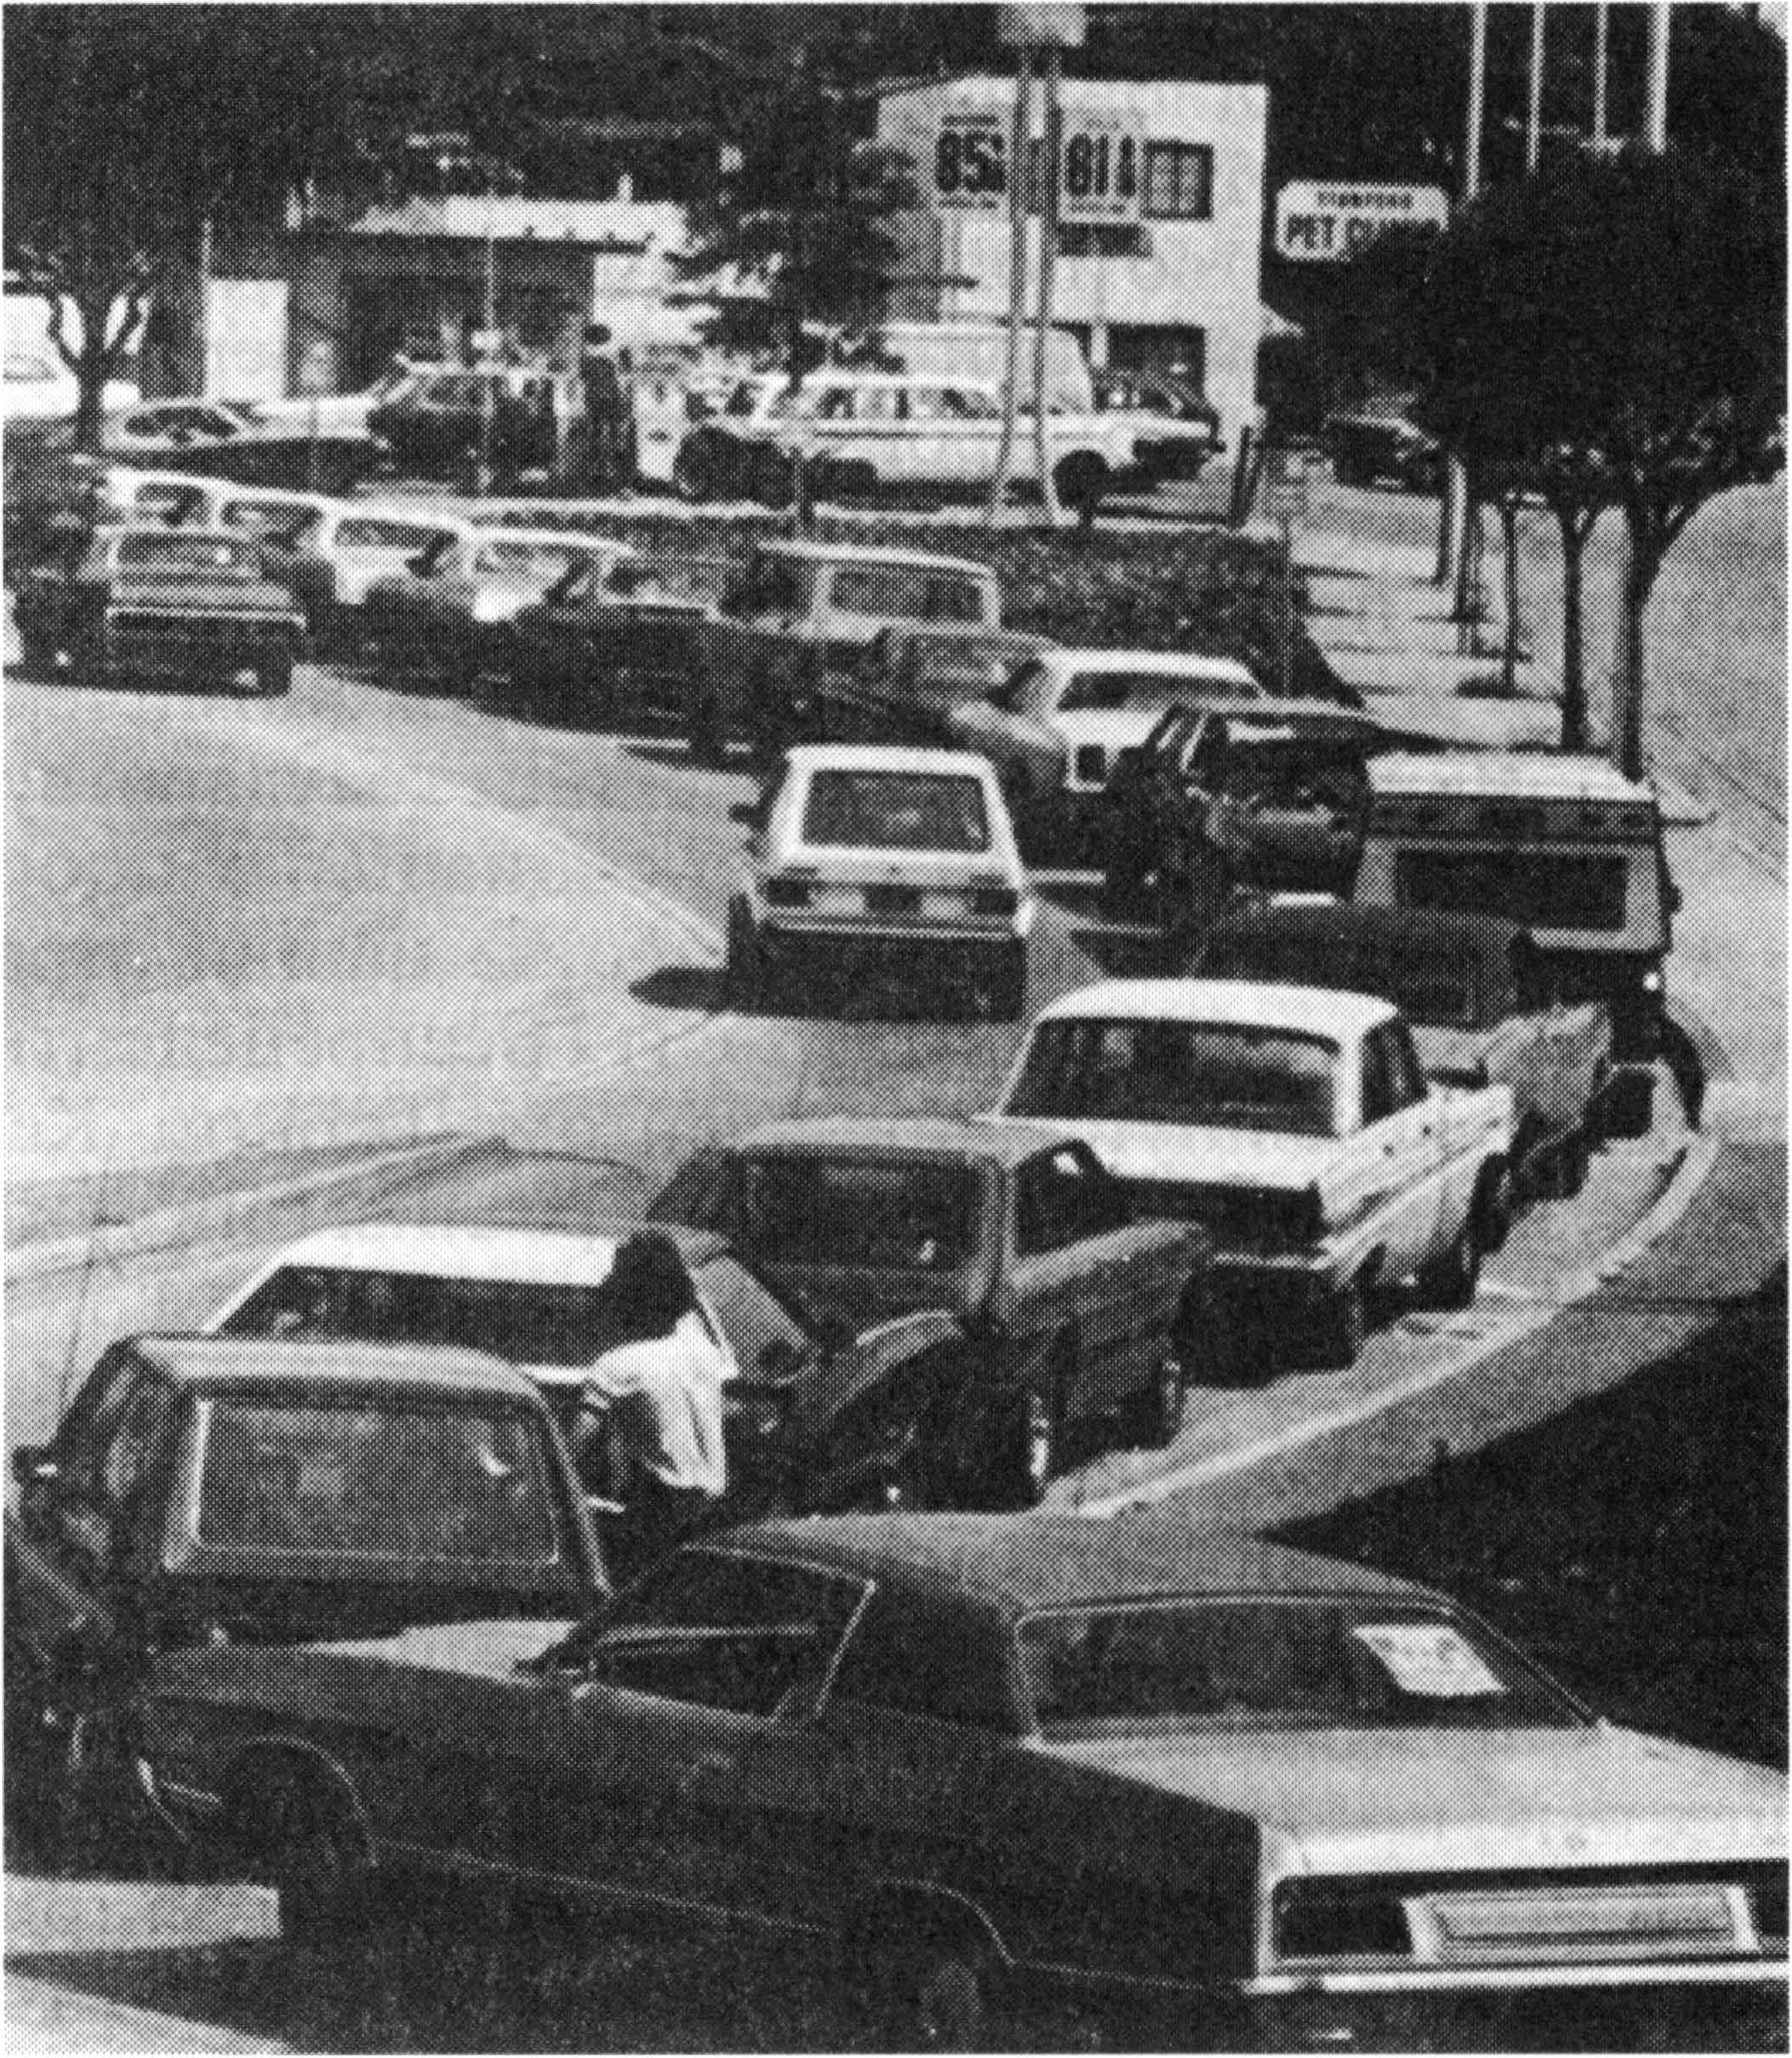 Экономический кризис гг и его последствия  Очередь автомобилей у автозаправки во время энергетического кризиса 1970 е гг